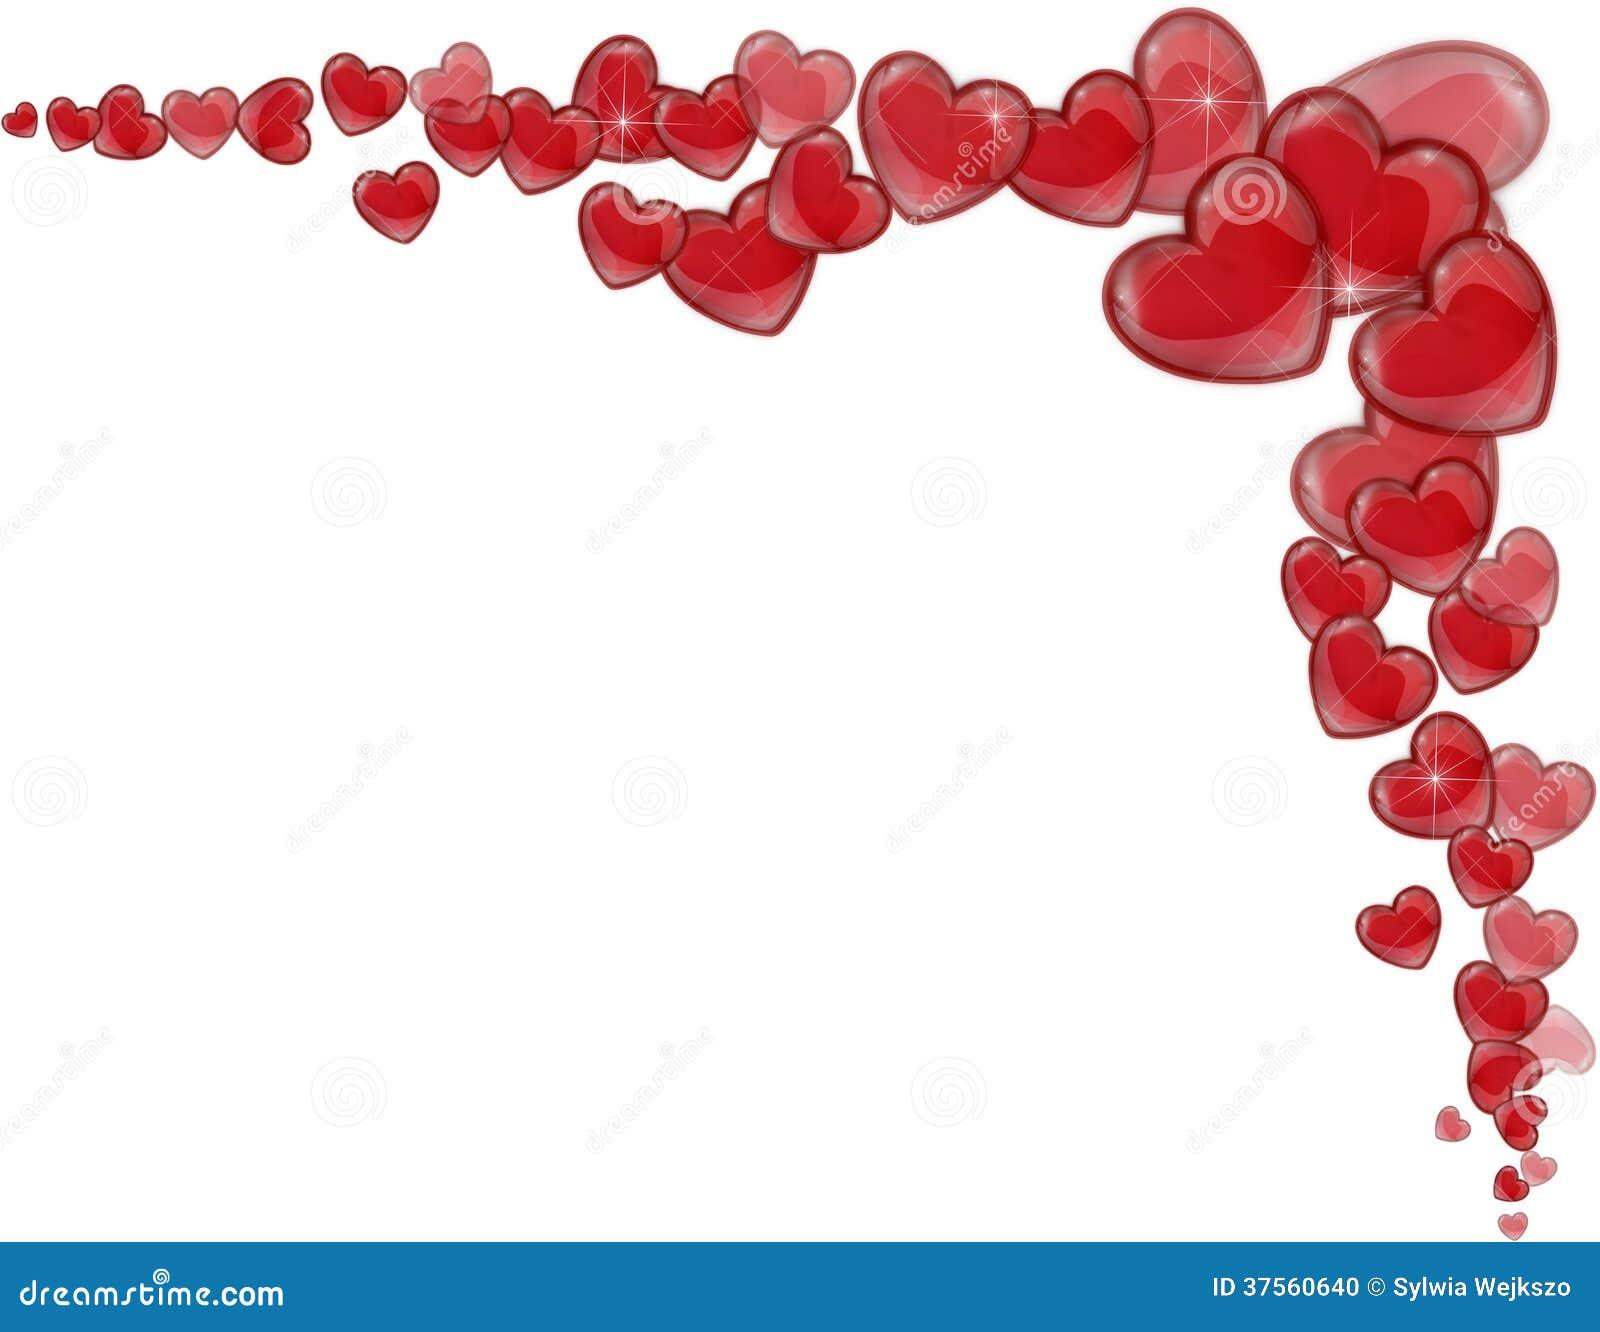 en un fondo blanco por un día de tarjeta del día de San Valentín